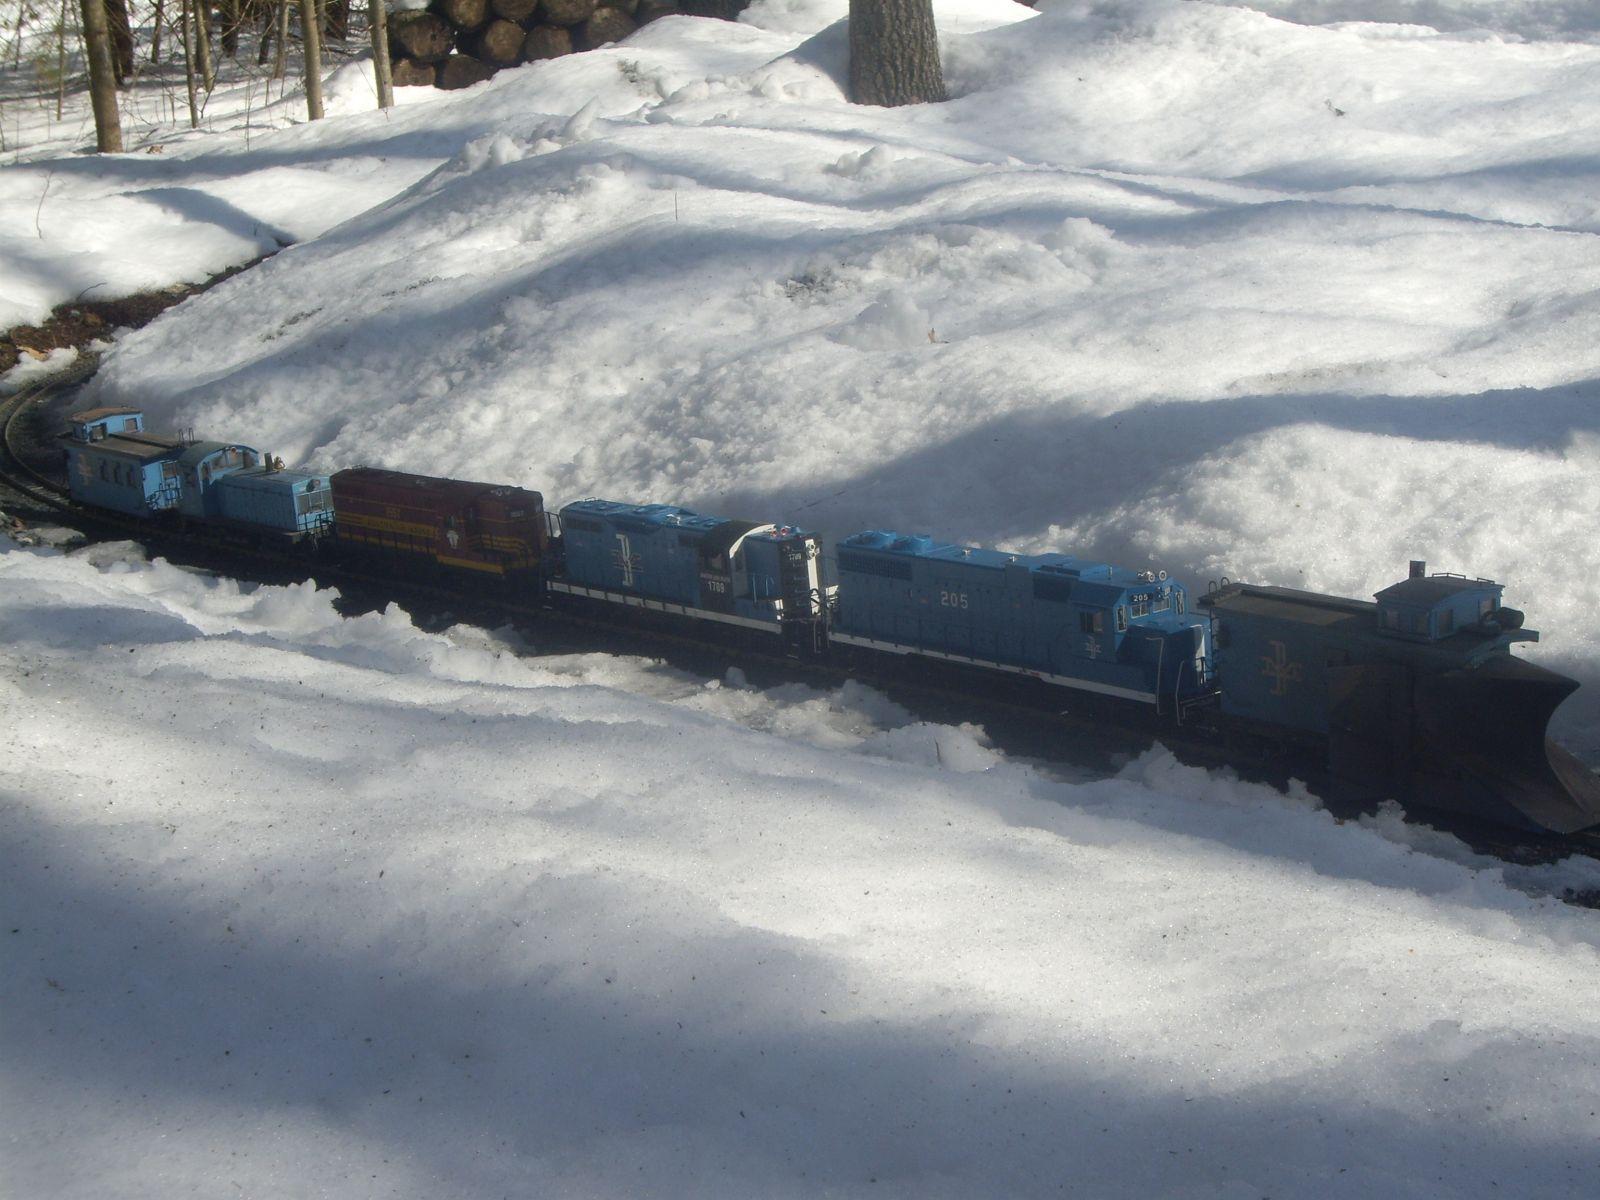 Plow train